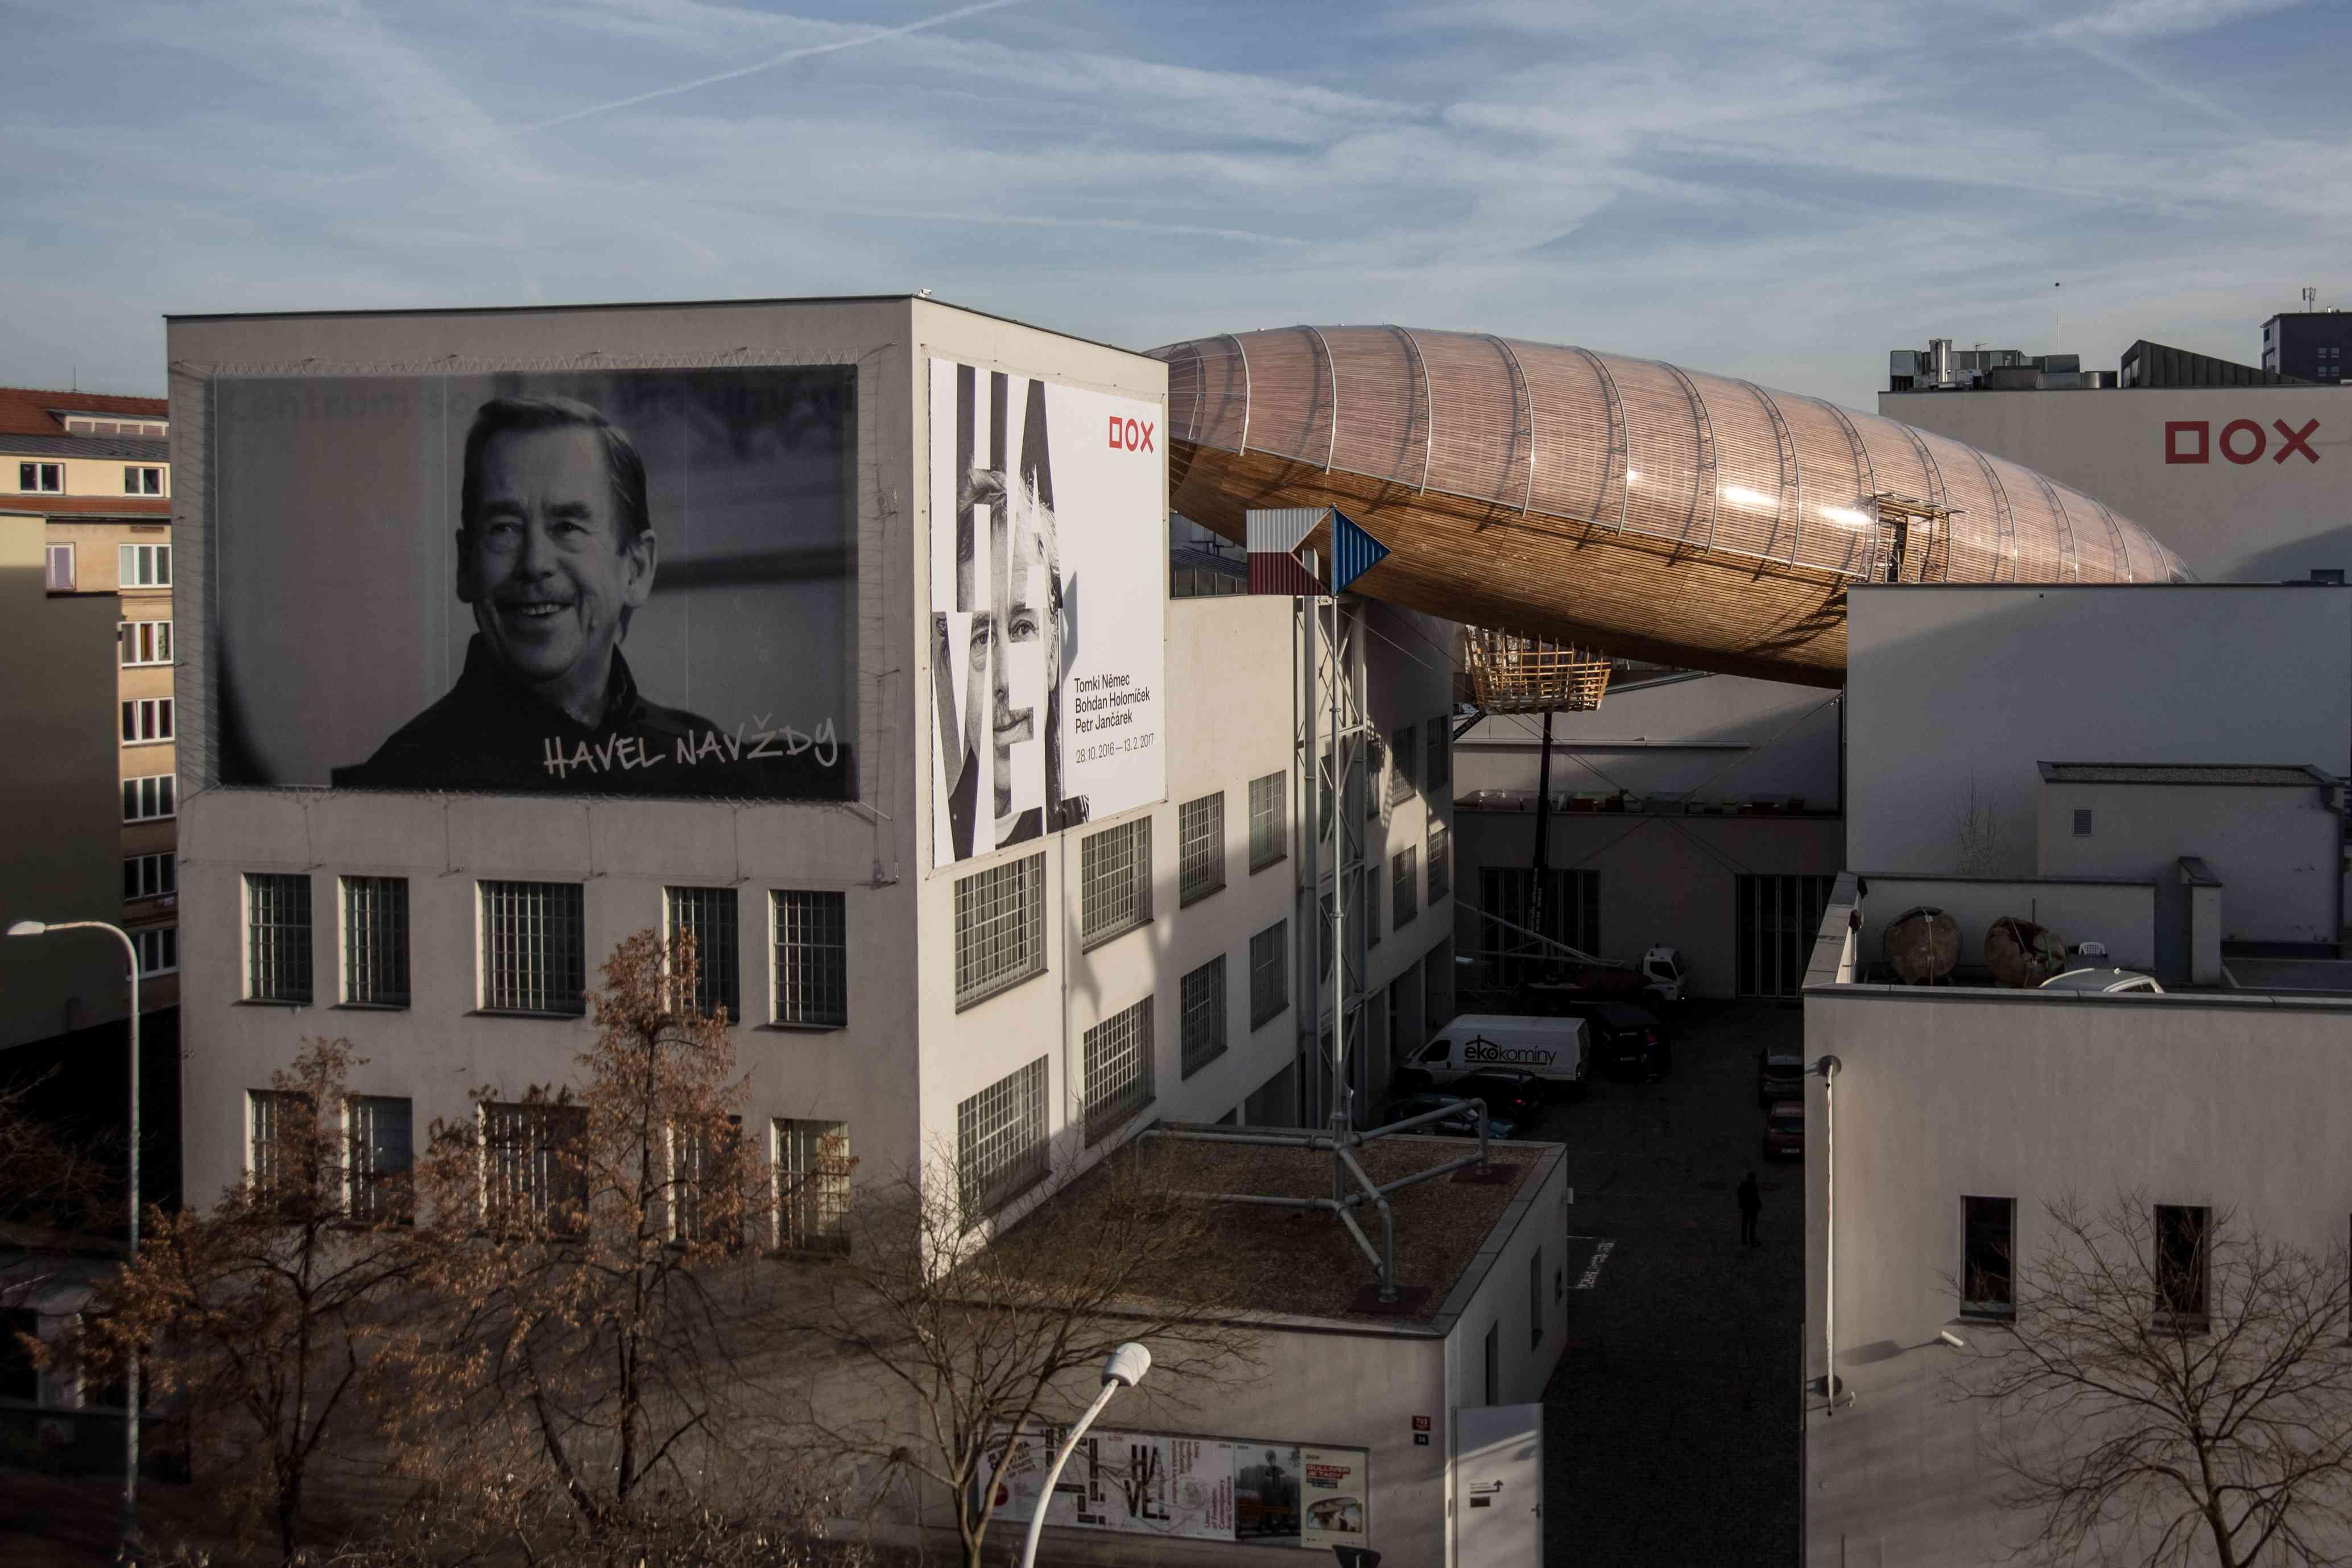 Arts Center Installs Wooden Zeppelin As Reading Room